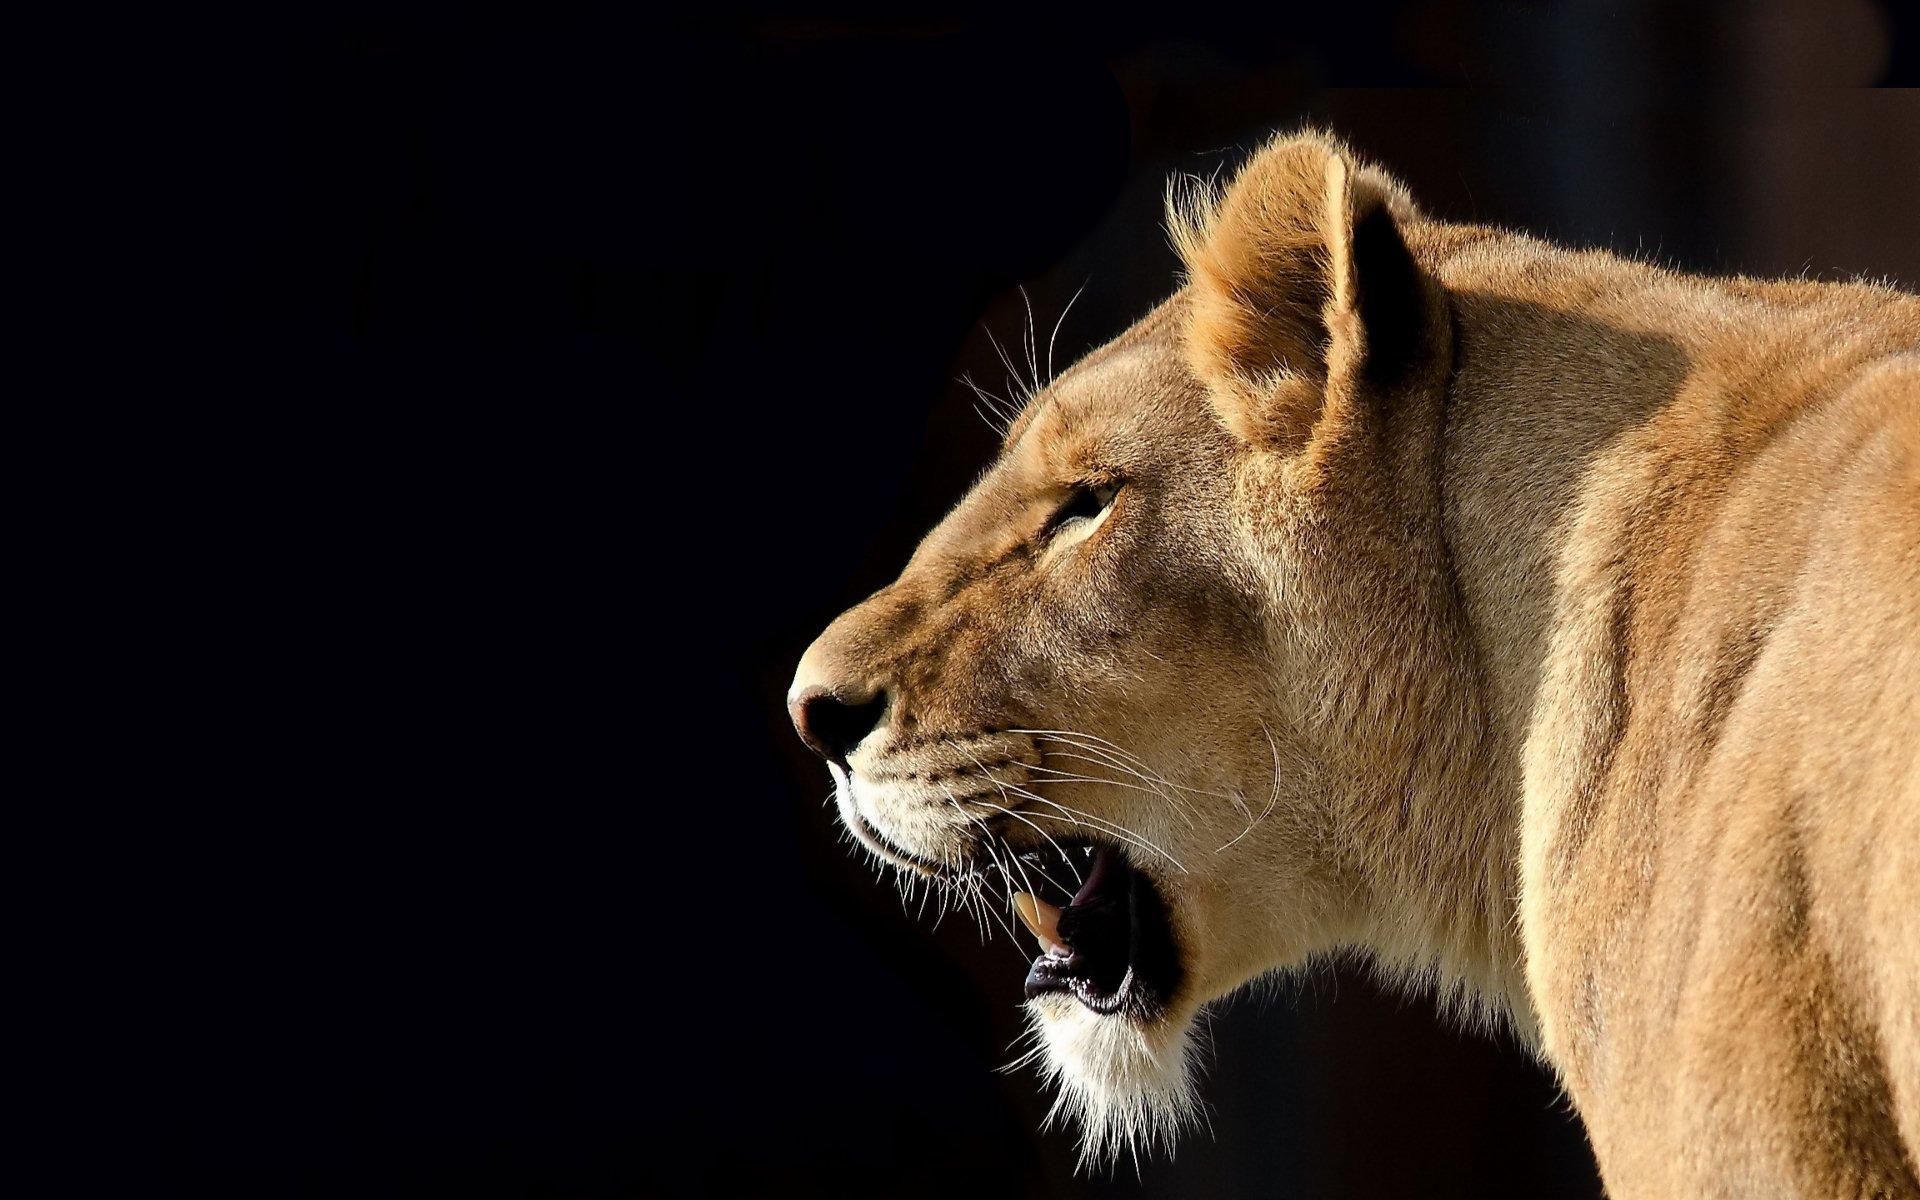 Cute Lioness Quotes. QuotesGram